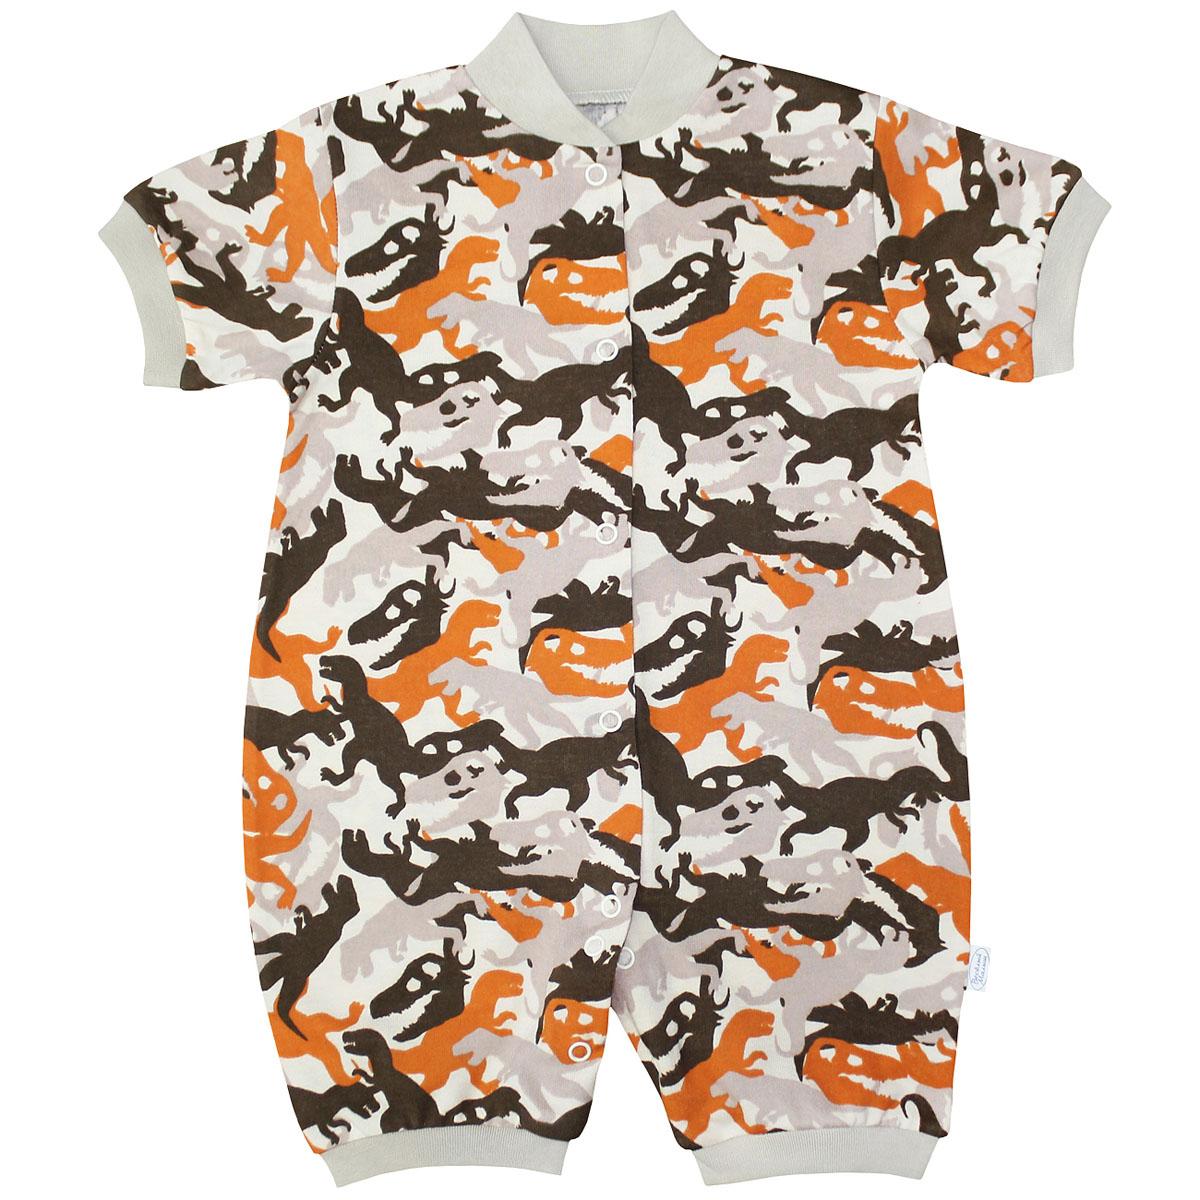 Боди для мальчика Веселый малыш Динозавры, цвет: оранжевый. 52172/ди-оранж. Размер 6852172Боди для мальчика Веселый малыш Динозавры выполнено из качественного материала. Модель с короткими рукавами застегивается на кнопки.